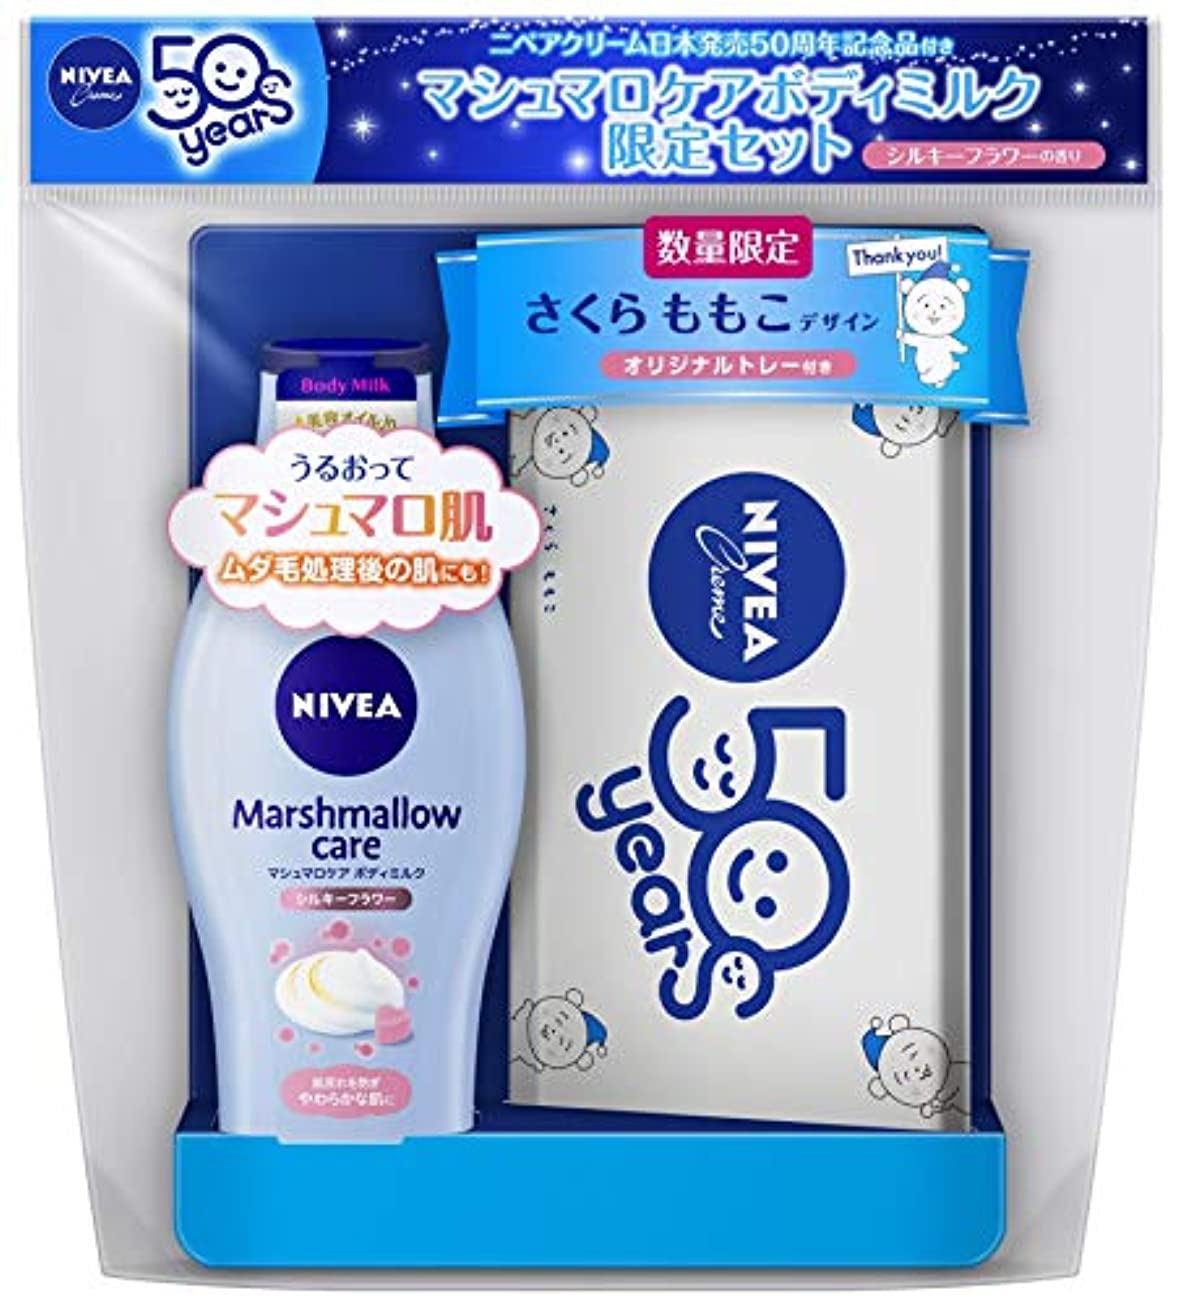 ご予約同情シリアル【数量限定】ニベア マシュマロケアボディミルク シルキーフラワーの香り+さくらももこデザインオリジナルトレー付き